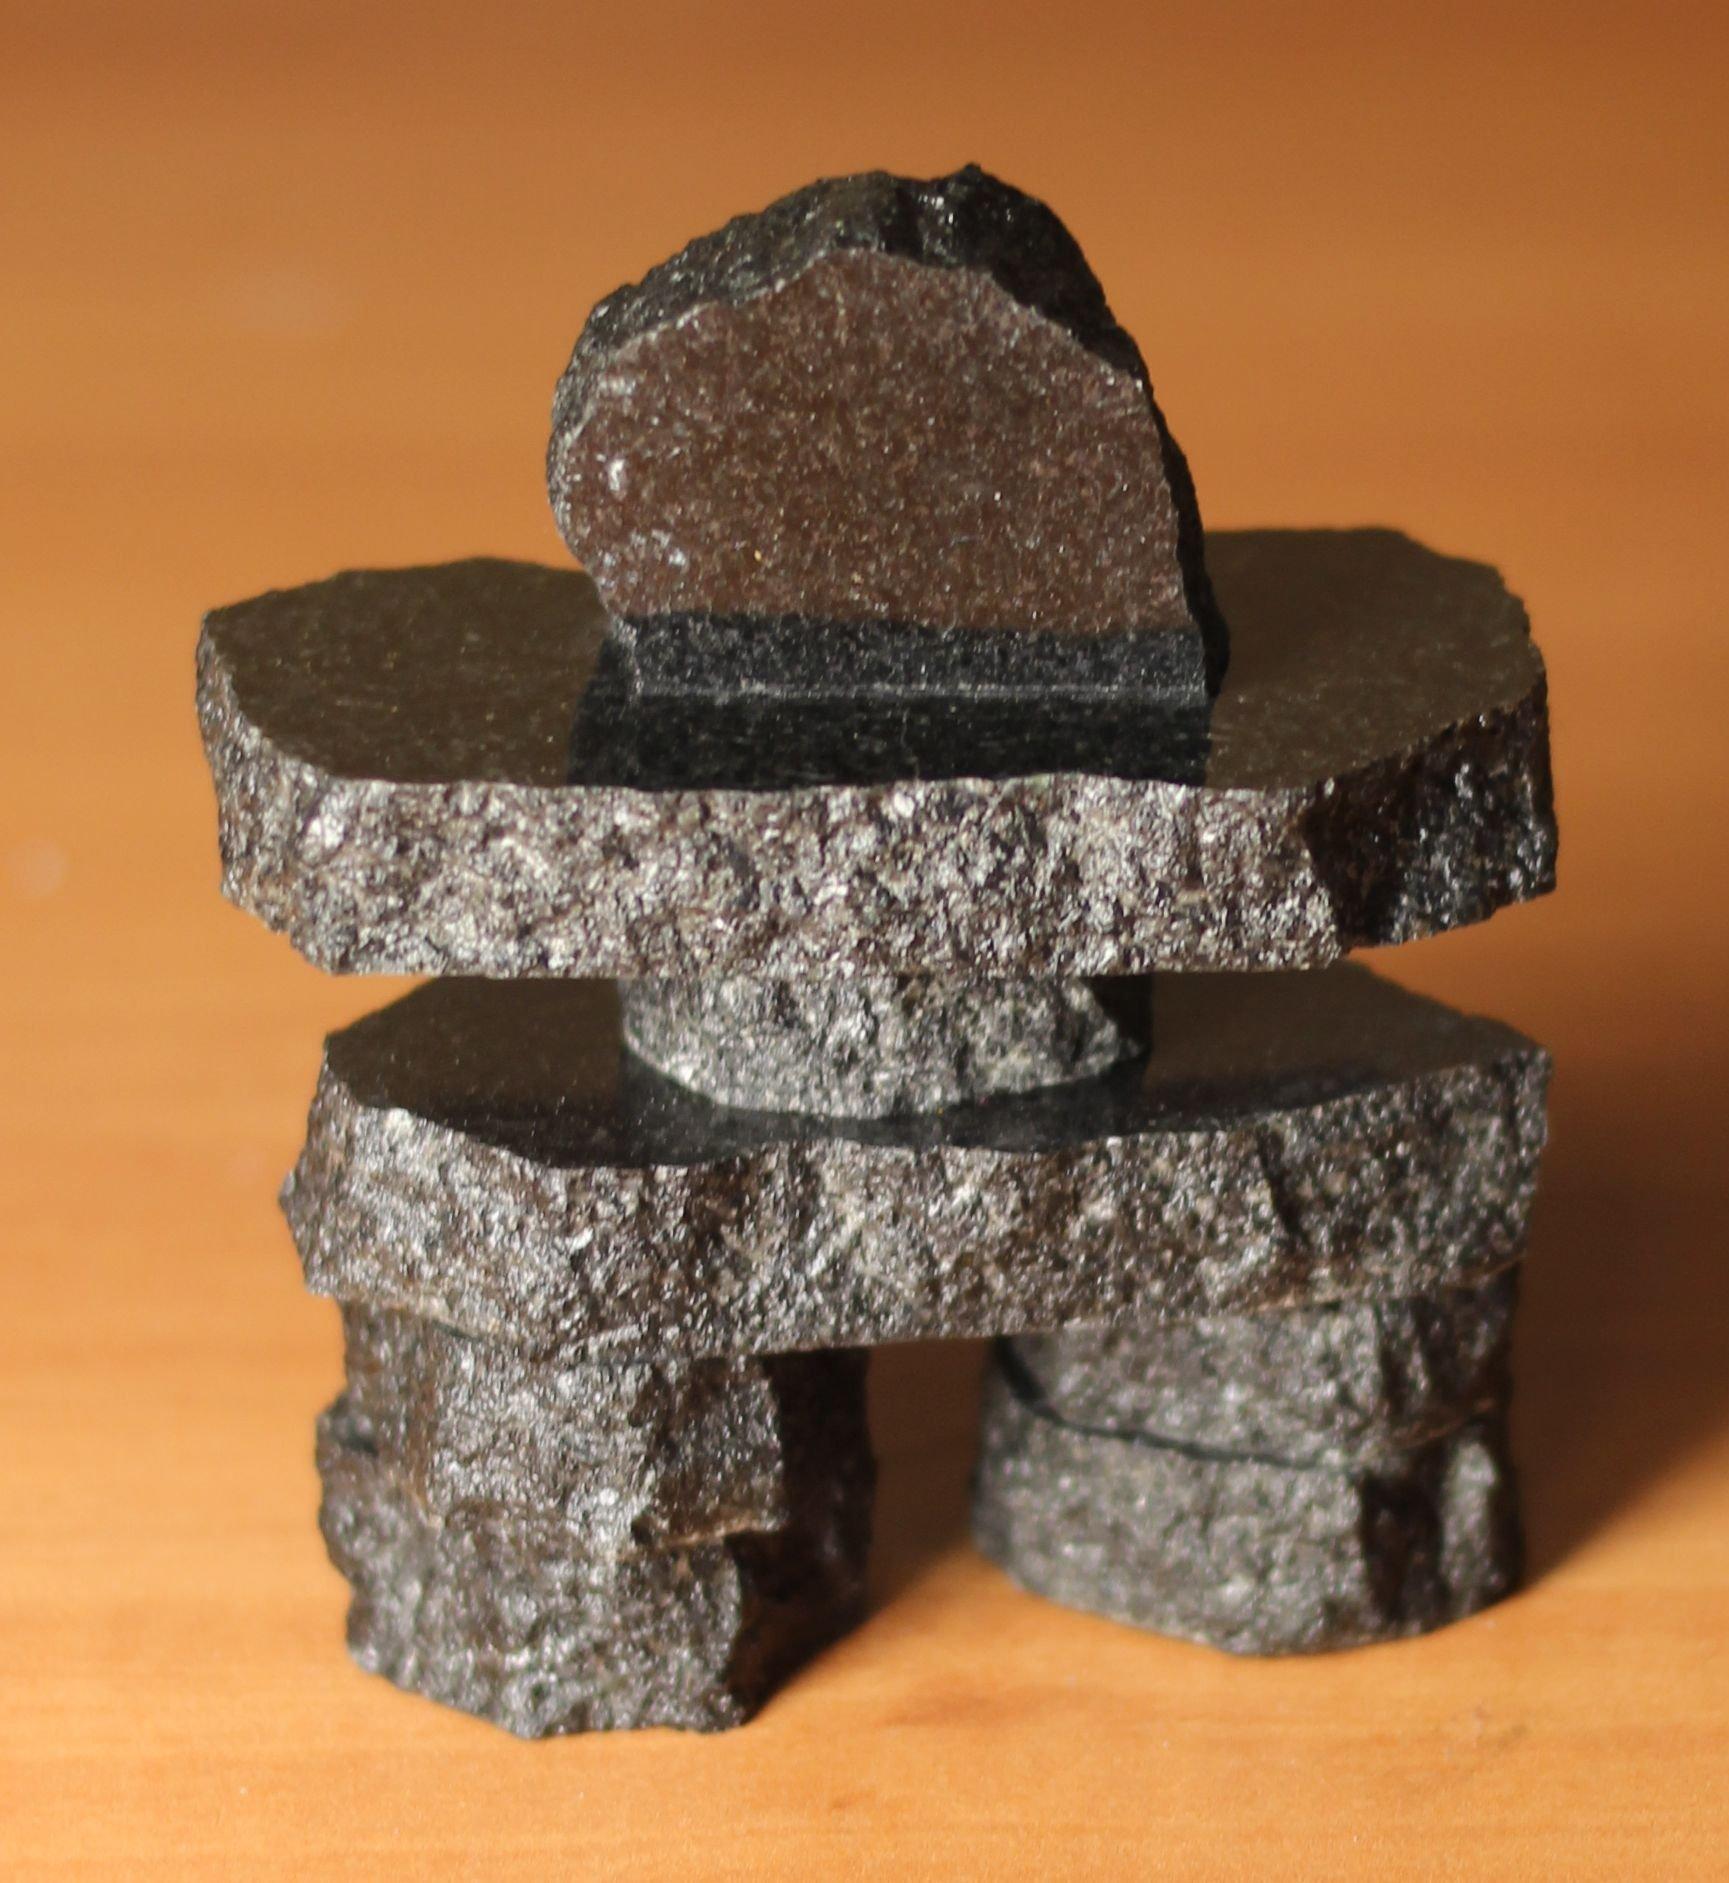 2.5'' Granite Inukshuk